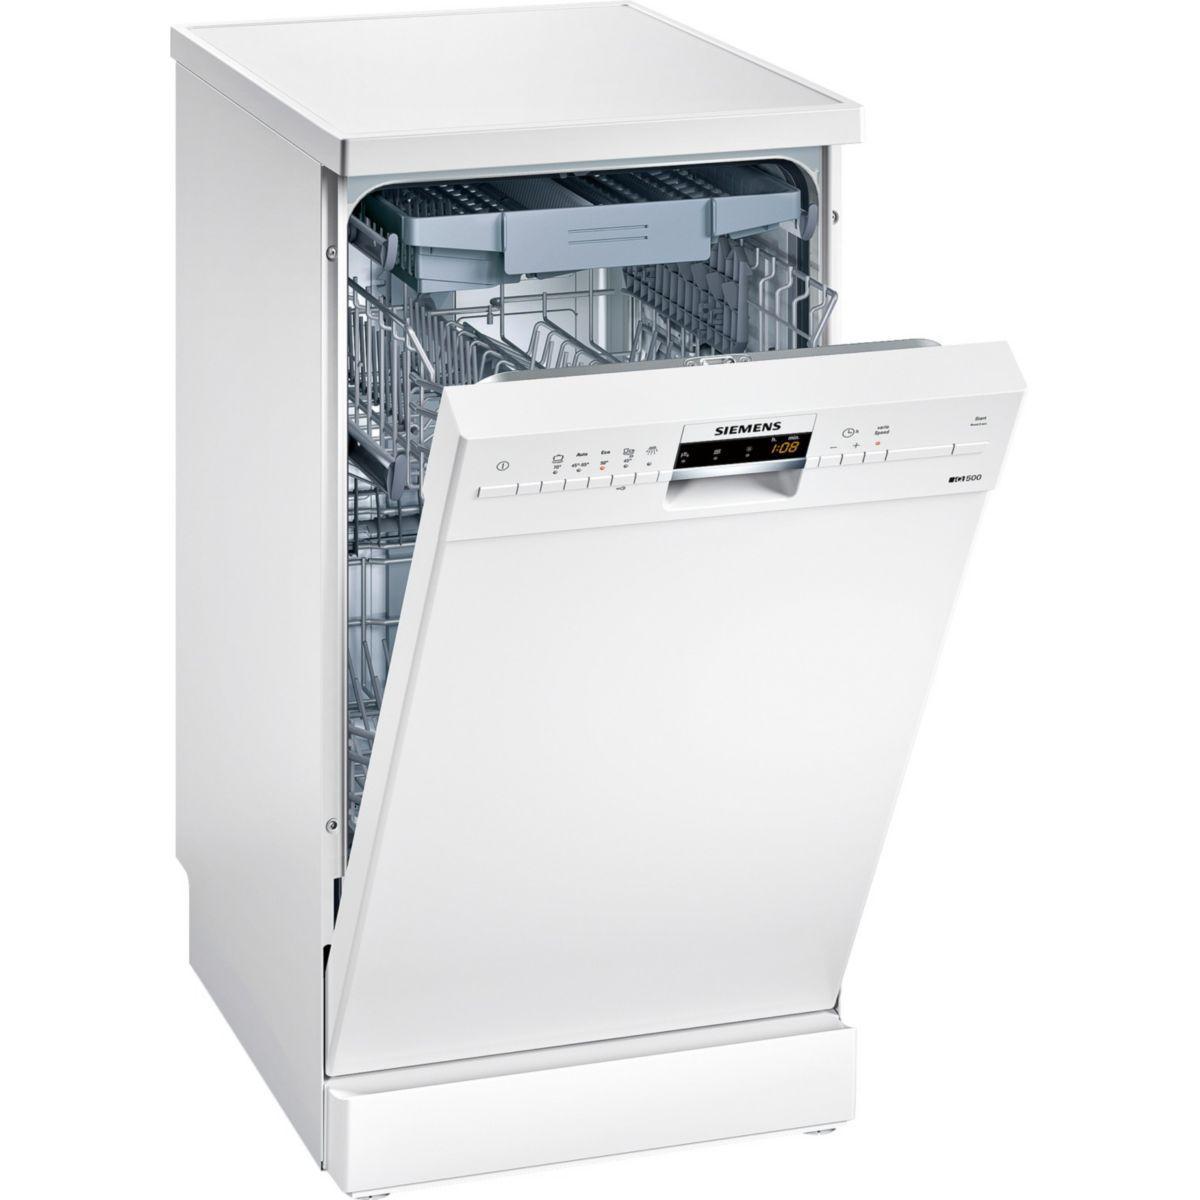 Lave-vaisselle 45cm siemens sr25m284eu - 2% de remise : code gam2